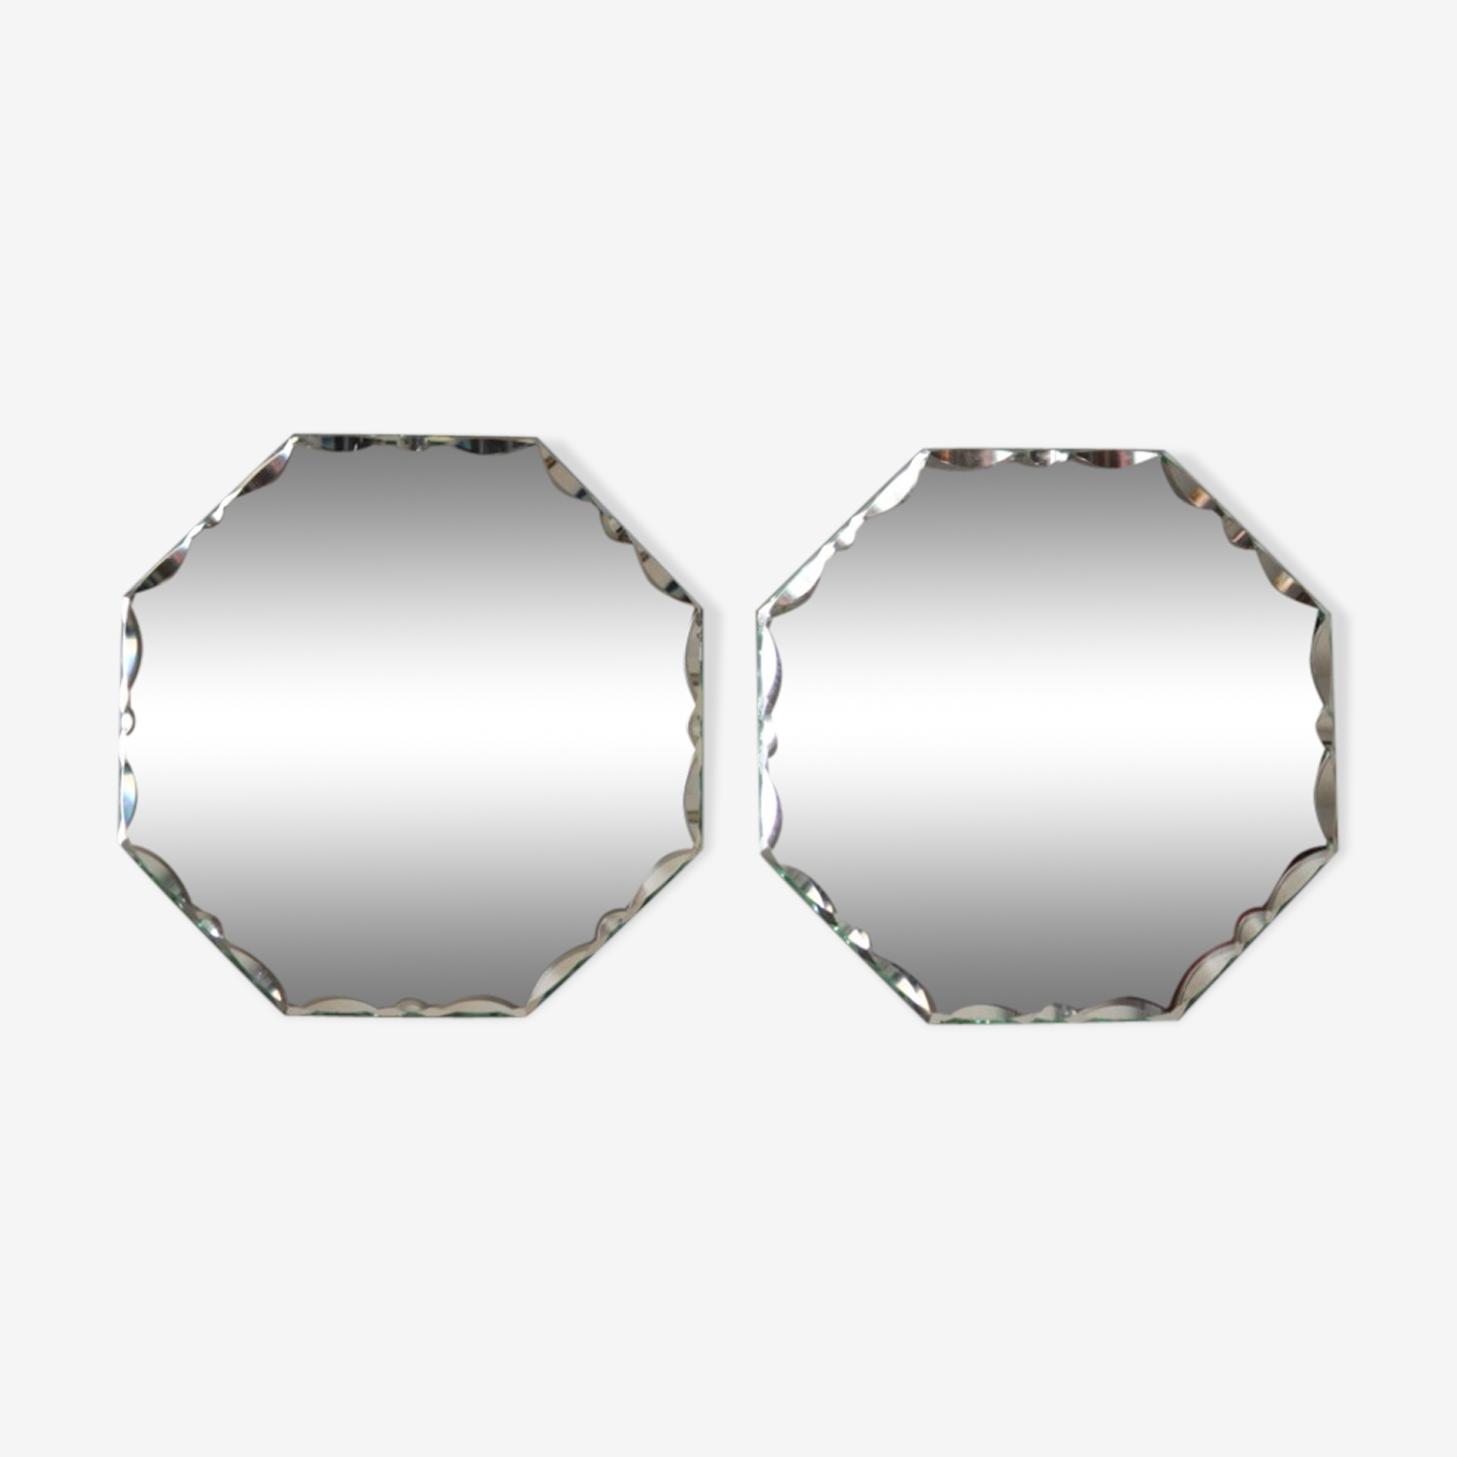 Paire de miroirs biseautés 18x18cm